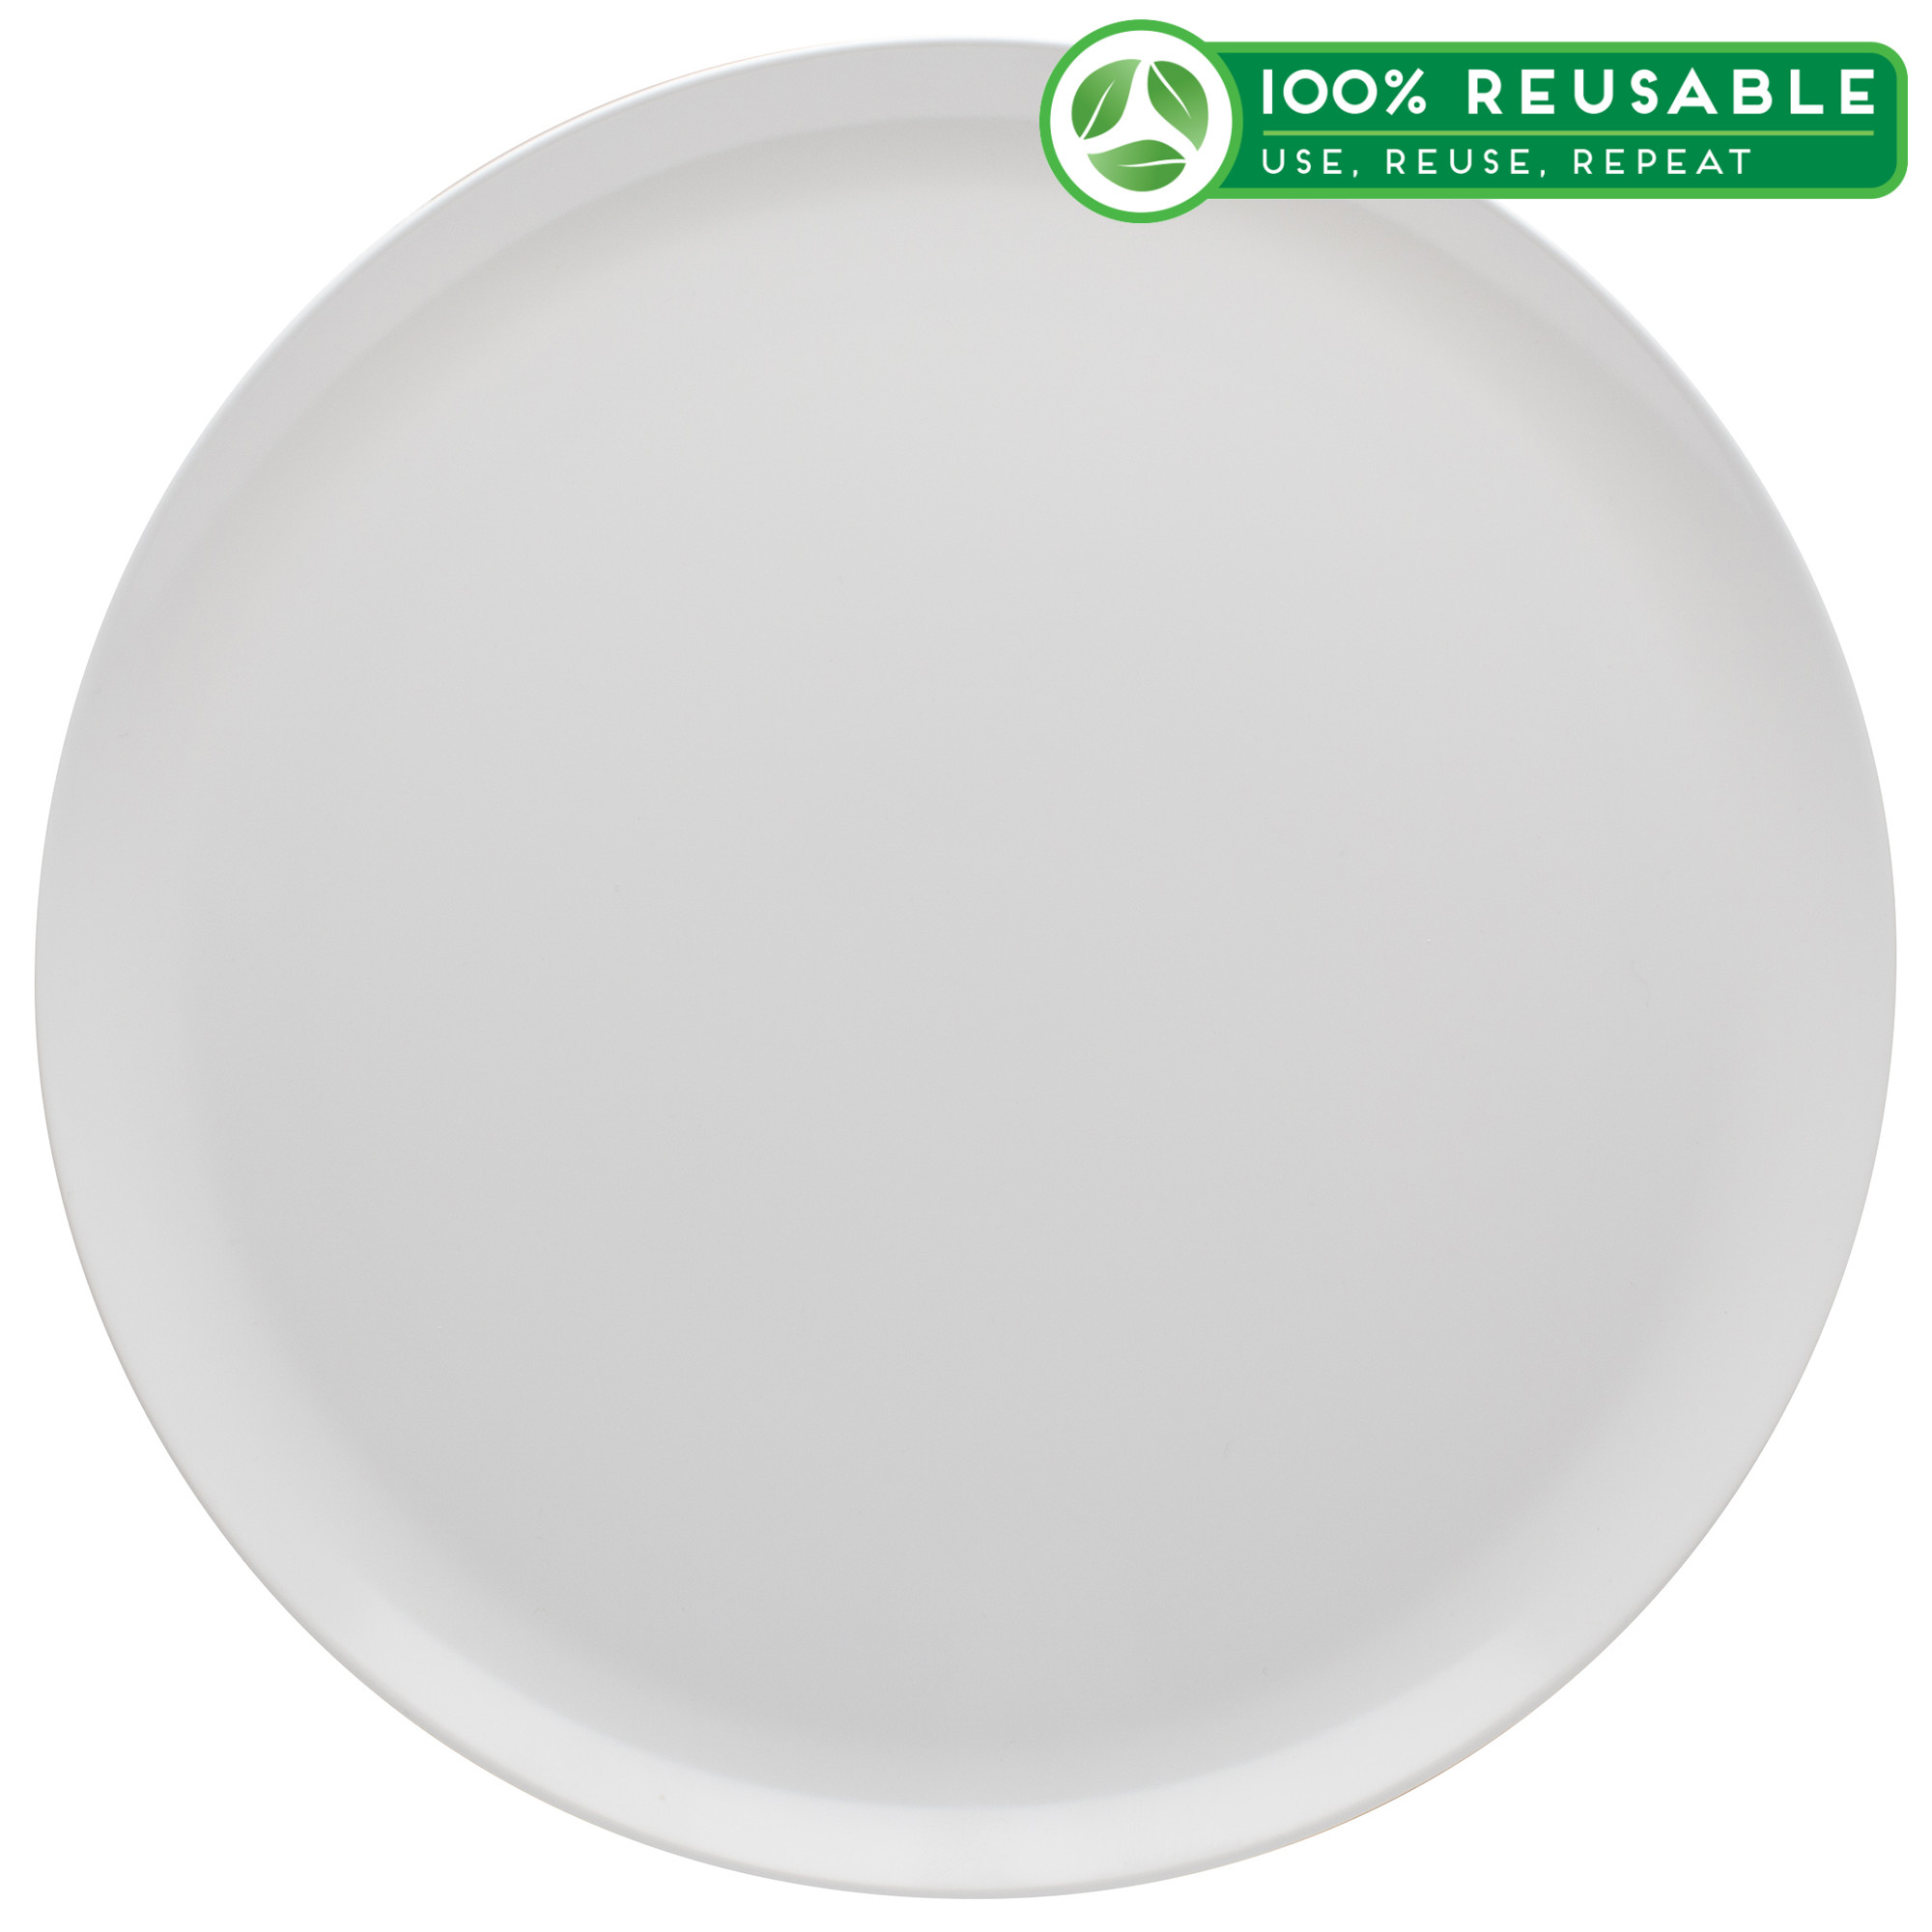 Everyday Melamine Plate, White, 2-piece set slideshow image 1